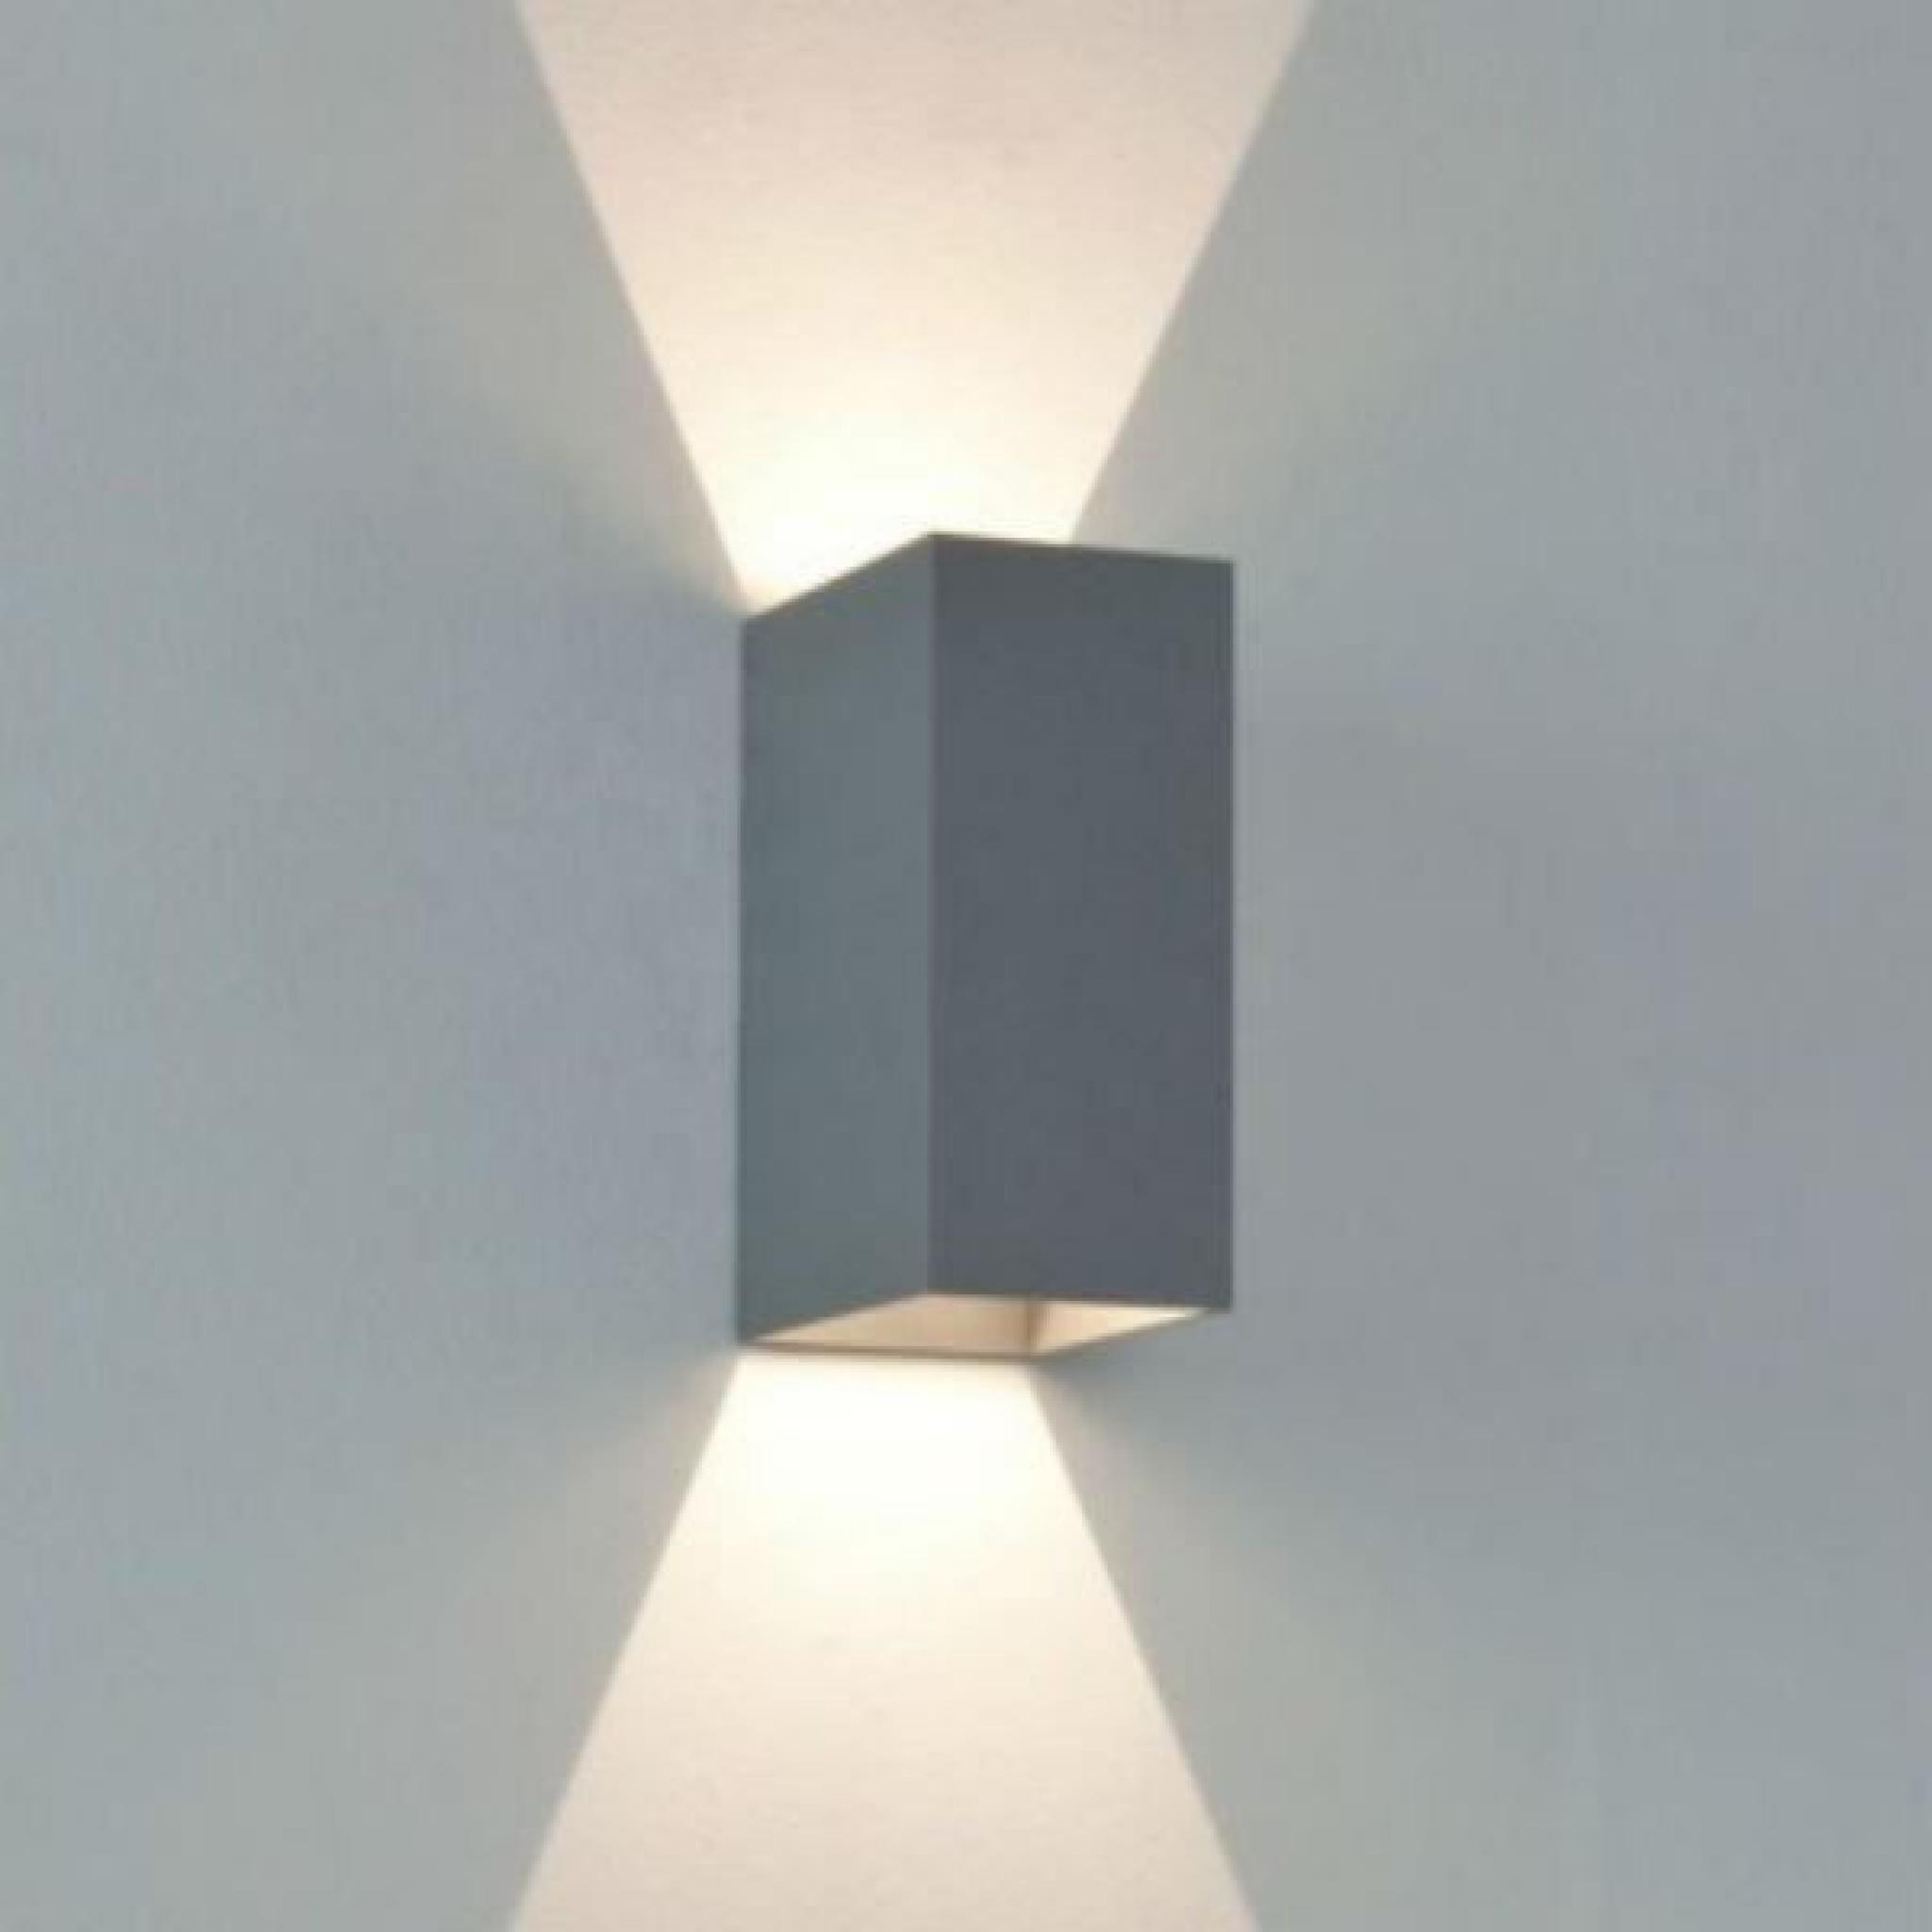 astro lighting applique ext rieure oslo 160 led achat vente applique murale pas cher. Black Bedroom Furniture Sets. Home Design Ideas